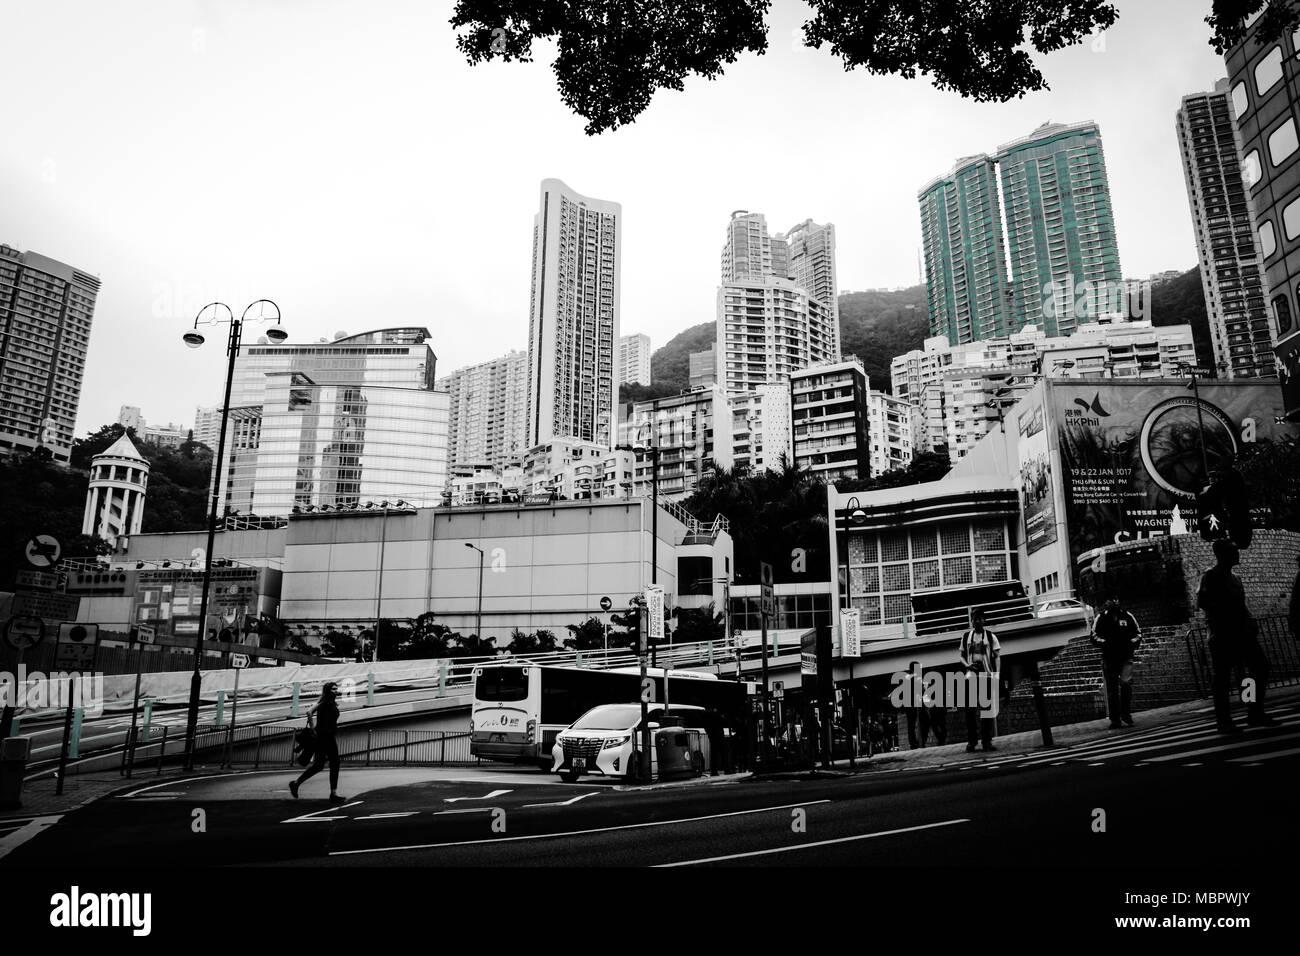 Apartment buildings in Hong Kong, SAR of China - Stock Image